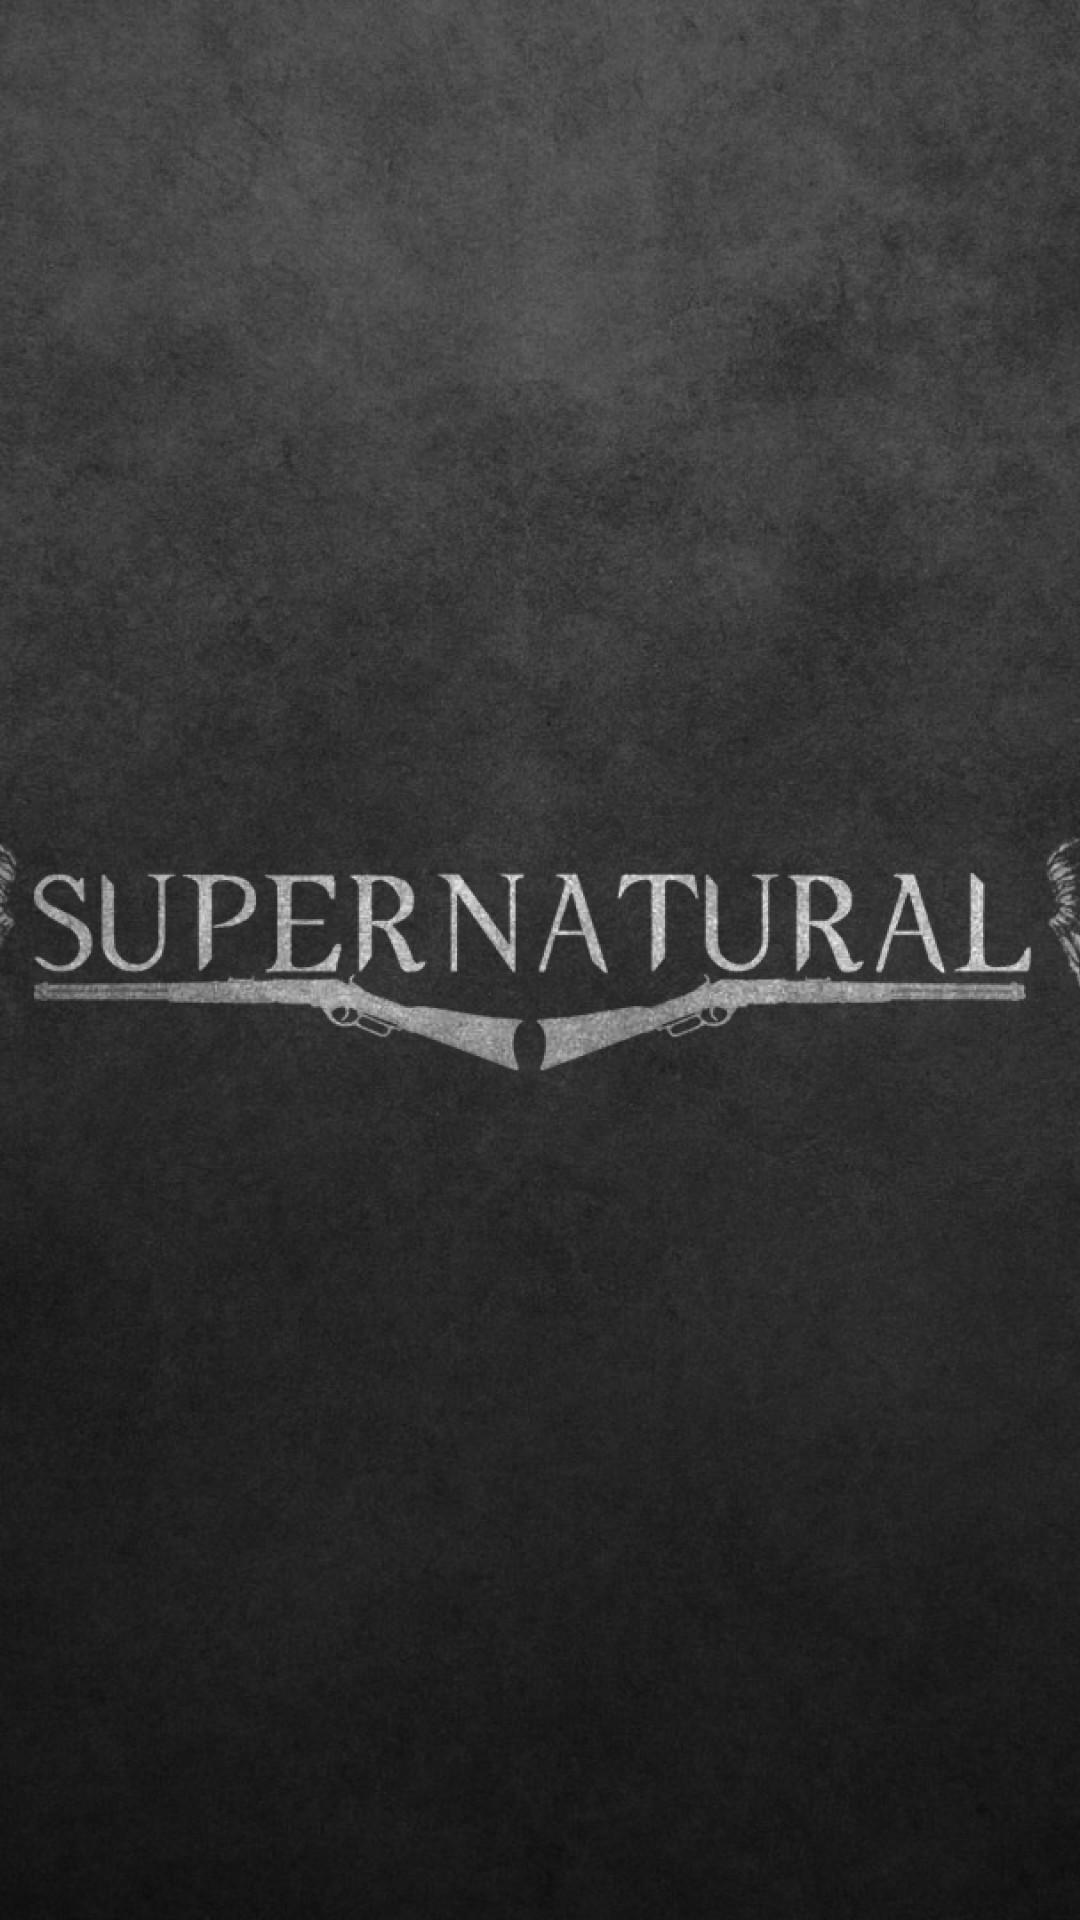 114 Supernatural Wallpaper Iphone